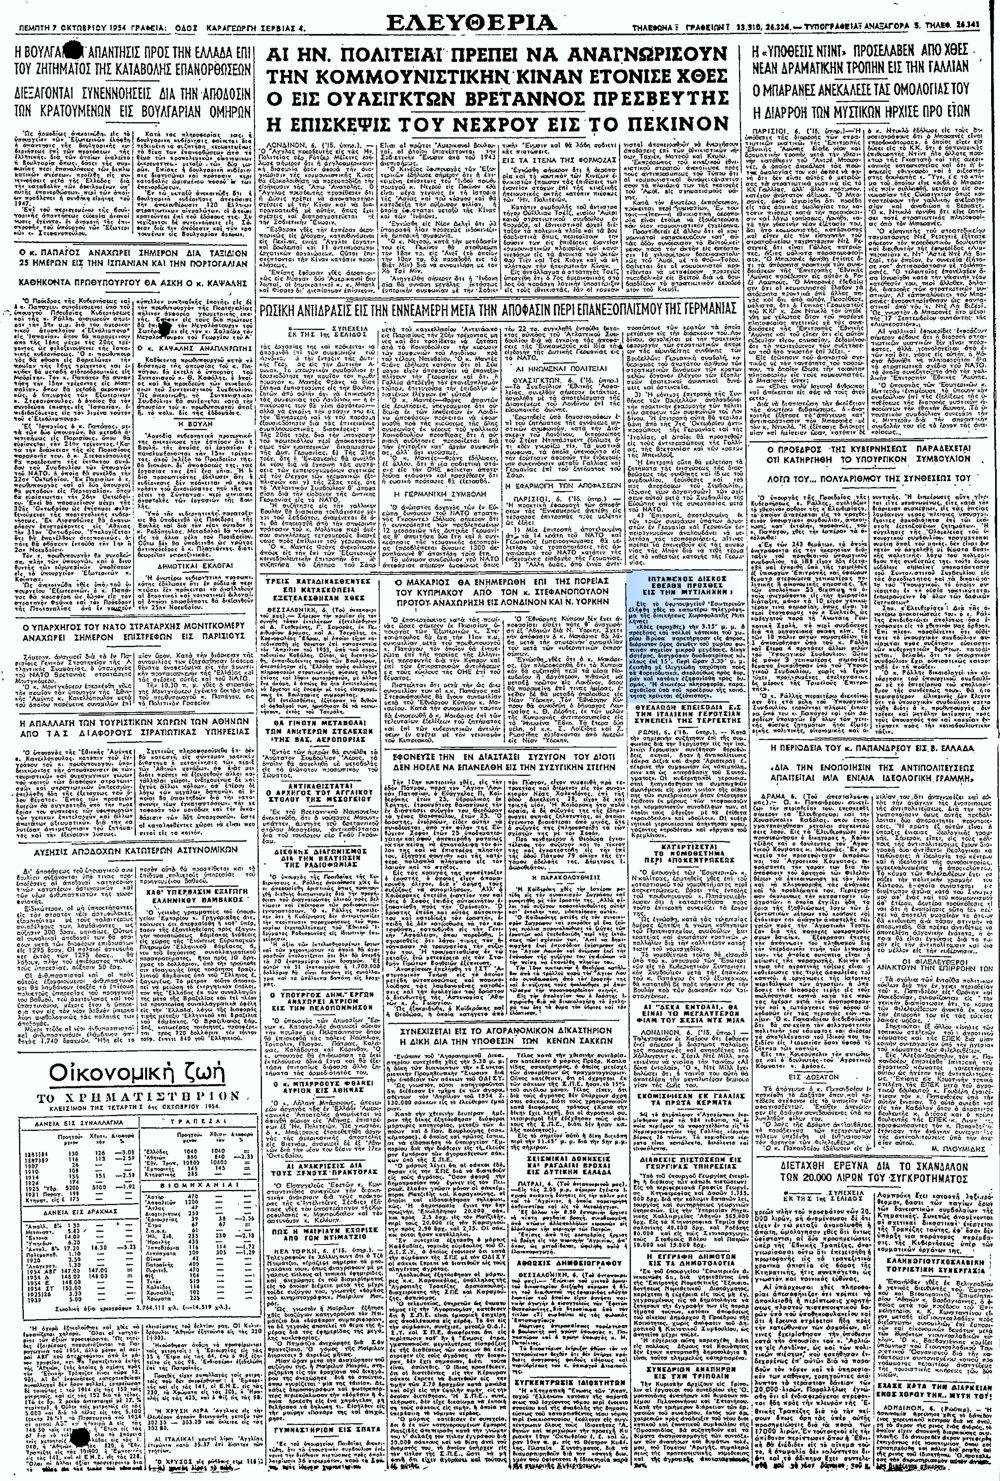 """Το άρθρο, όπως δημοσιεύθηκε στην εφημερίδα """"ΕΛΕΥΘΕΡΙΑ"""", στις 07/10/1954"""